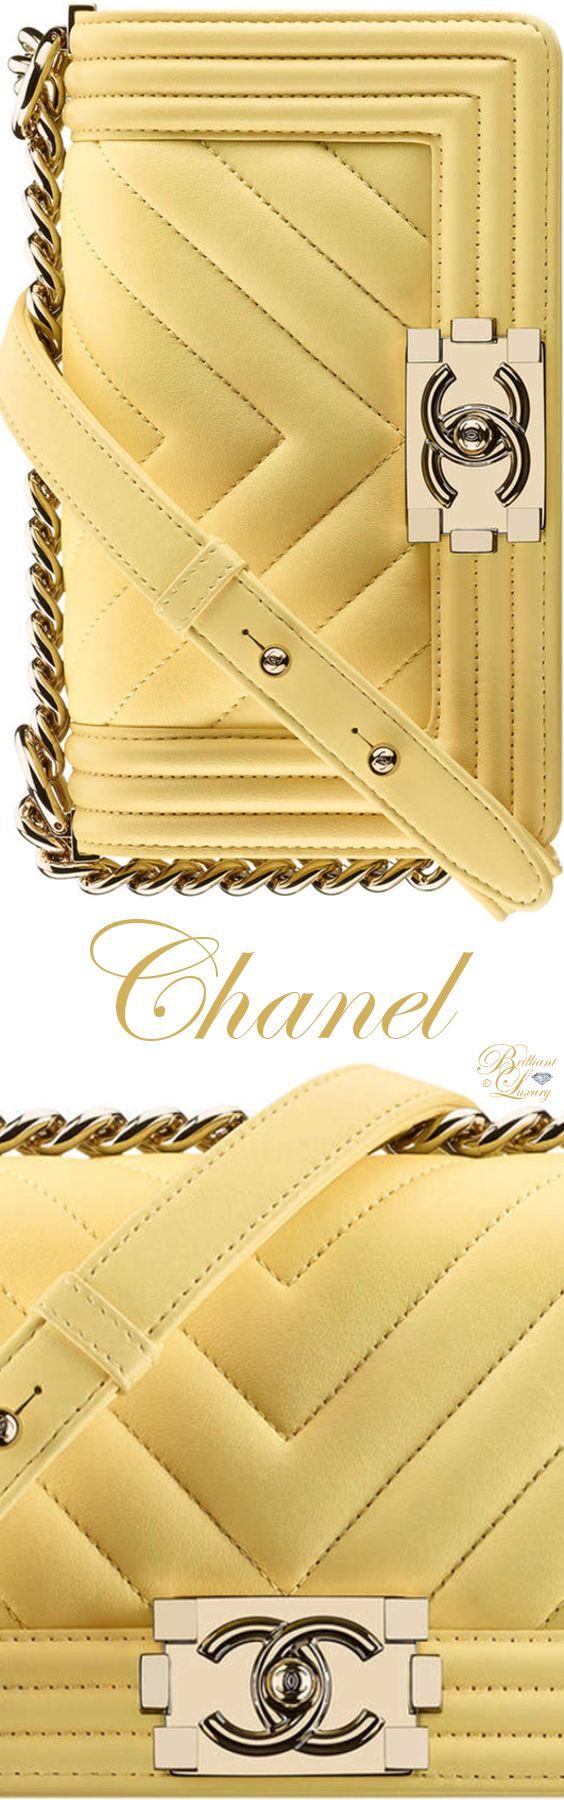 Brilliant Luxury by Emmy DE * Small Boy Chanel Flap Bag